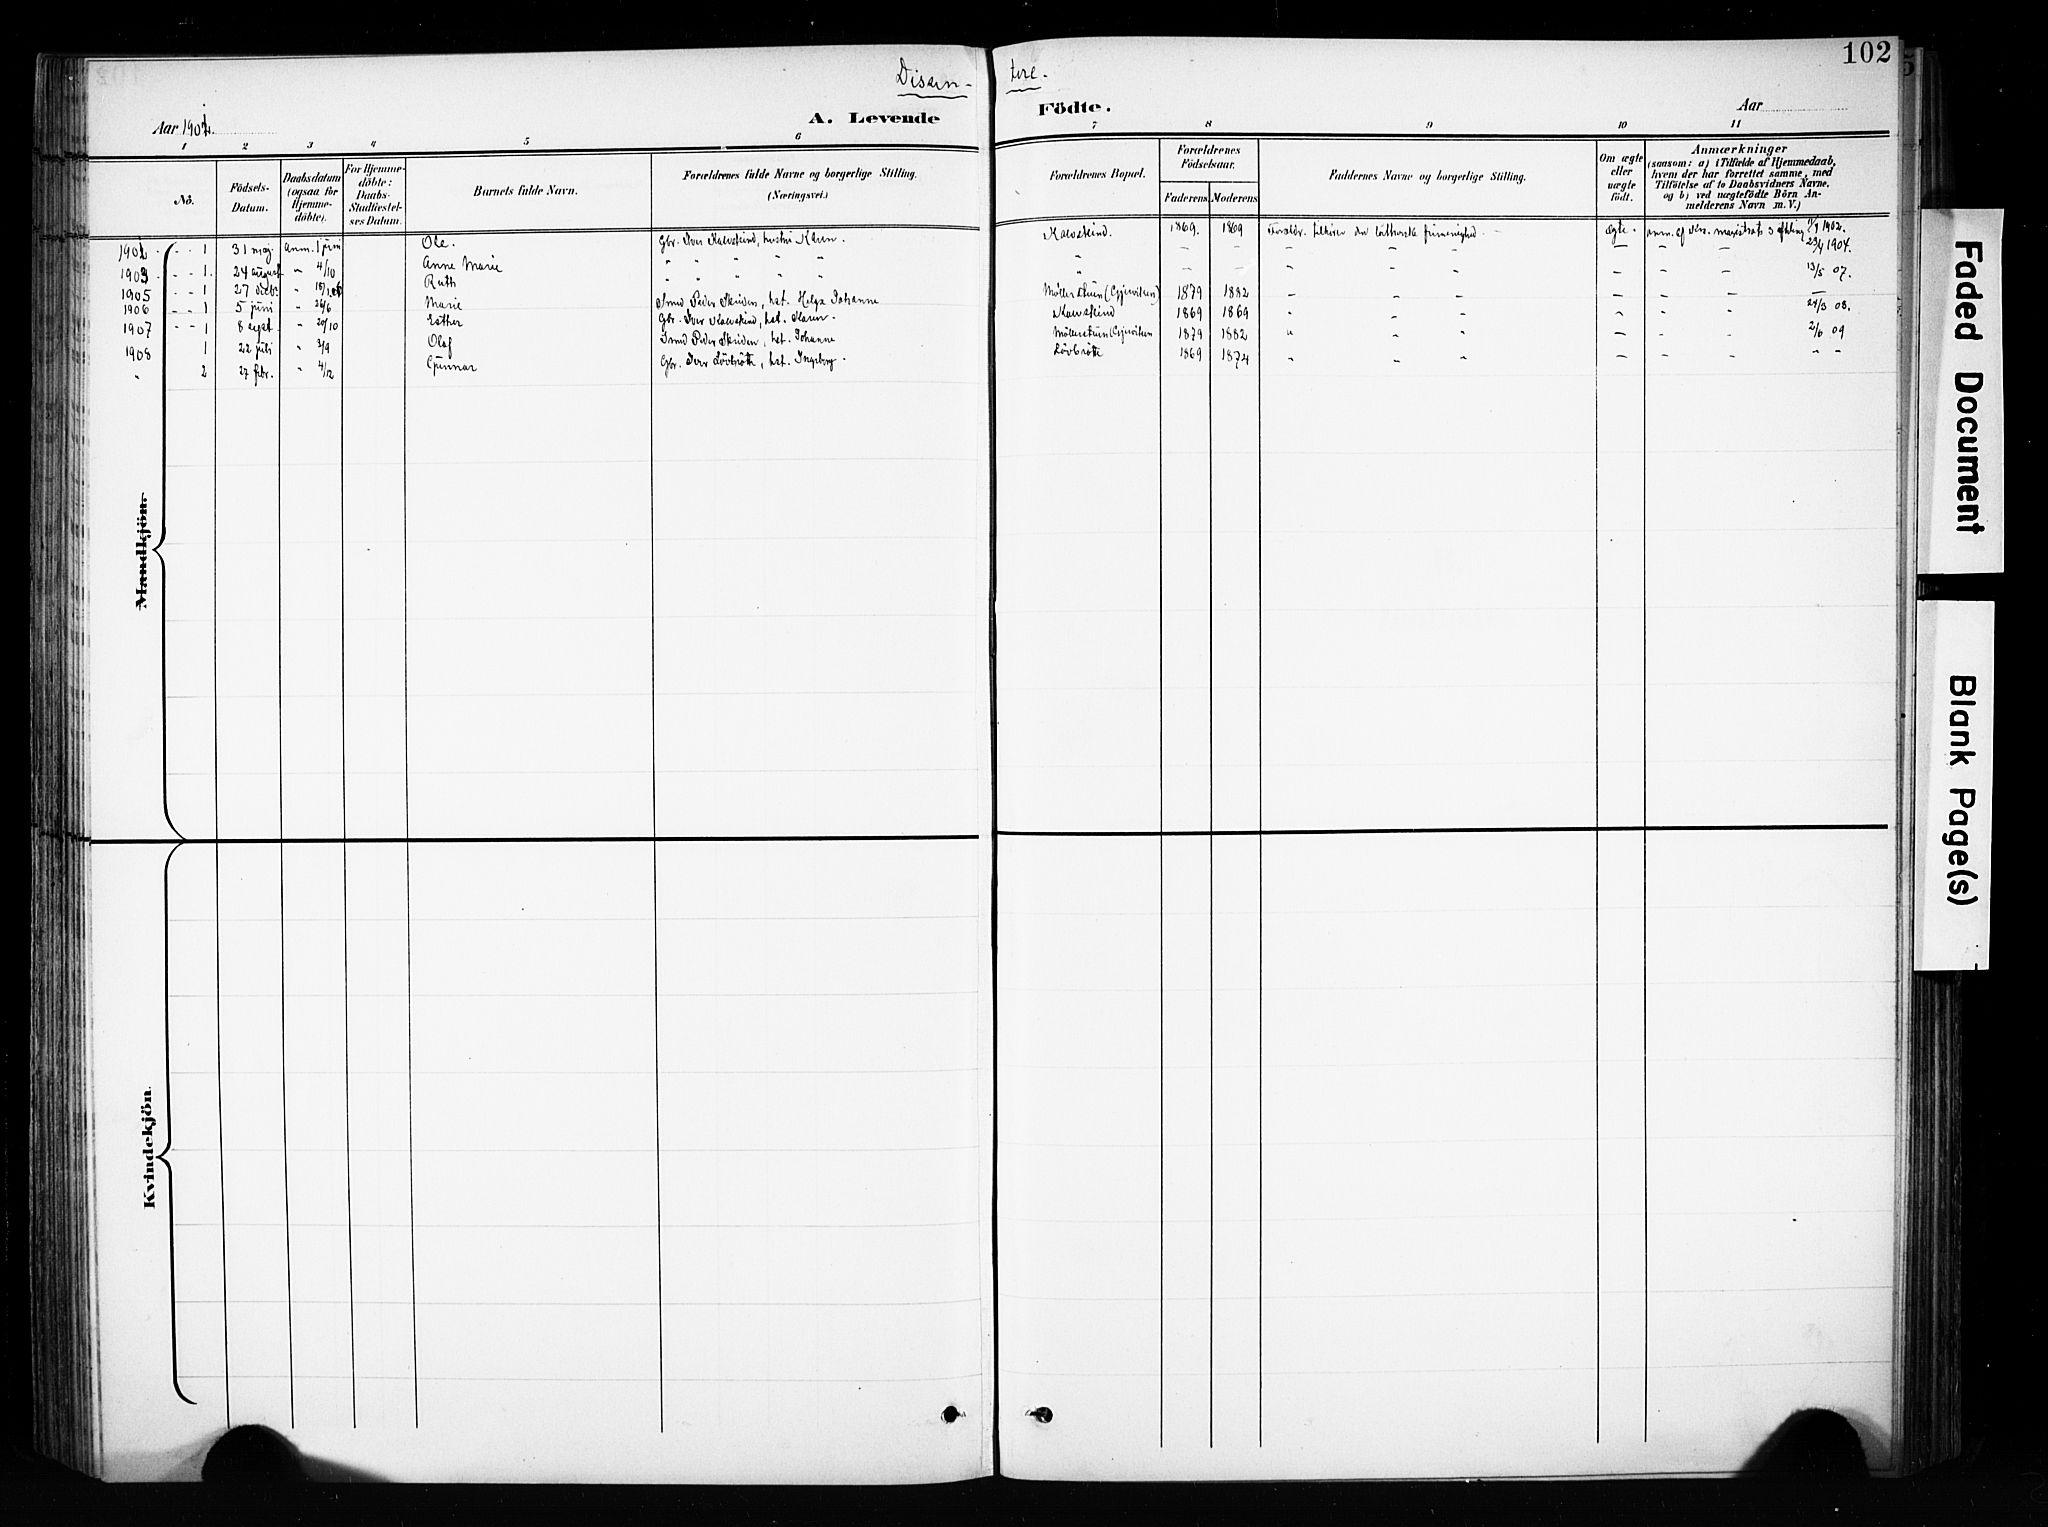 SAH, Brandbu prestekontor, Ministerialbok nr. 1, 1900-1912, s. 102